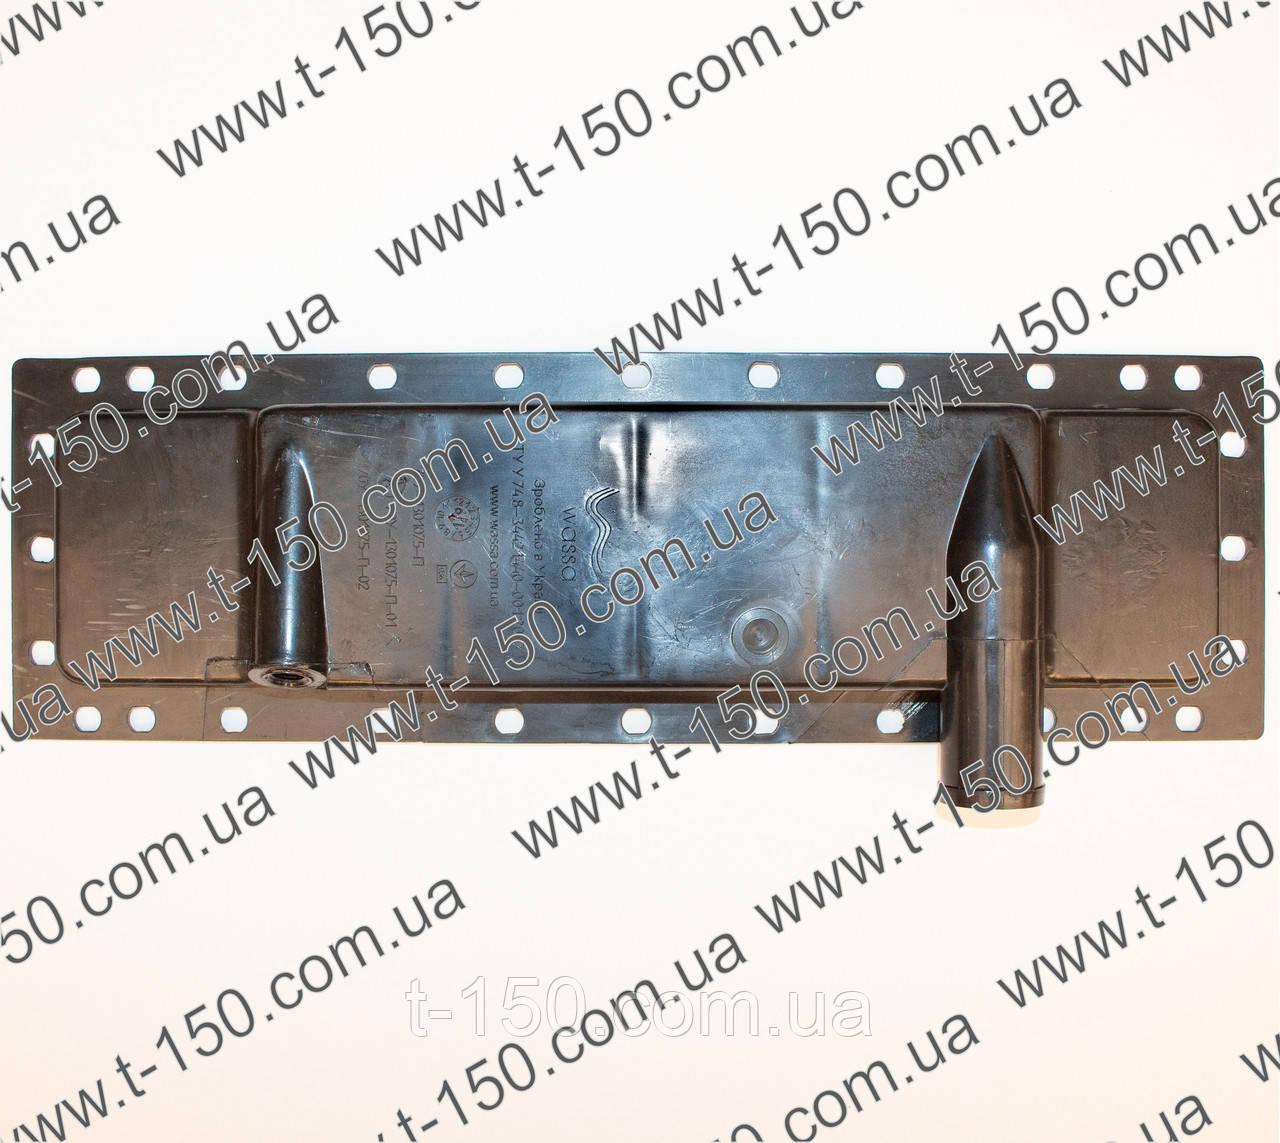 Бак радиатора нижний МТЗ-80 (70У-1301075-П) пластик